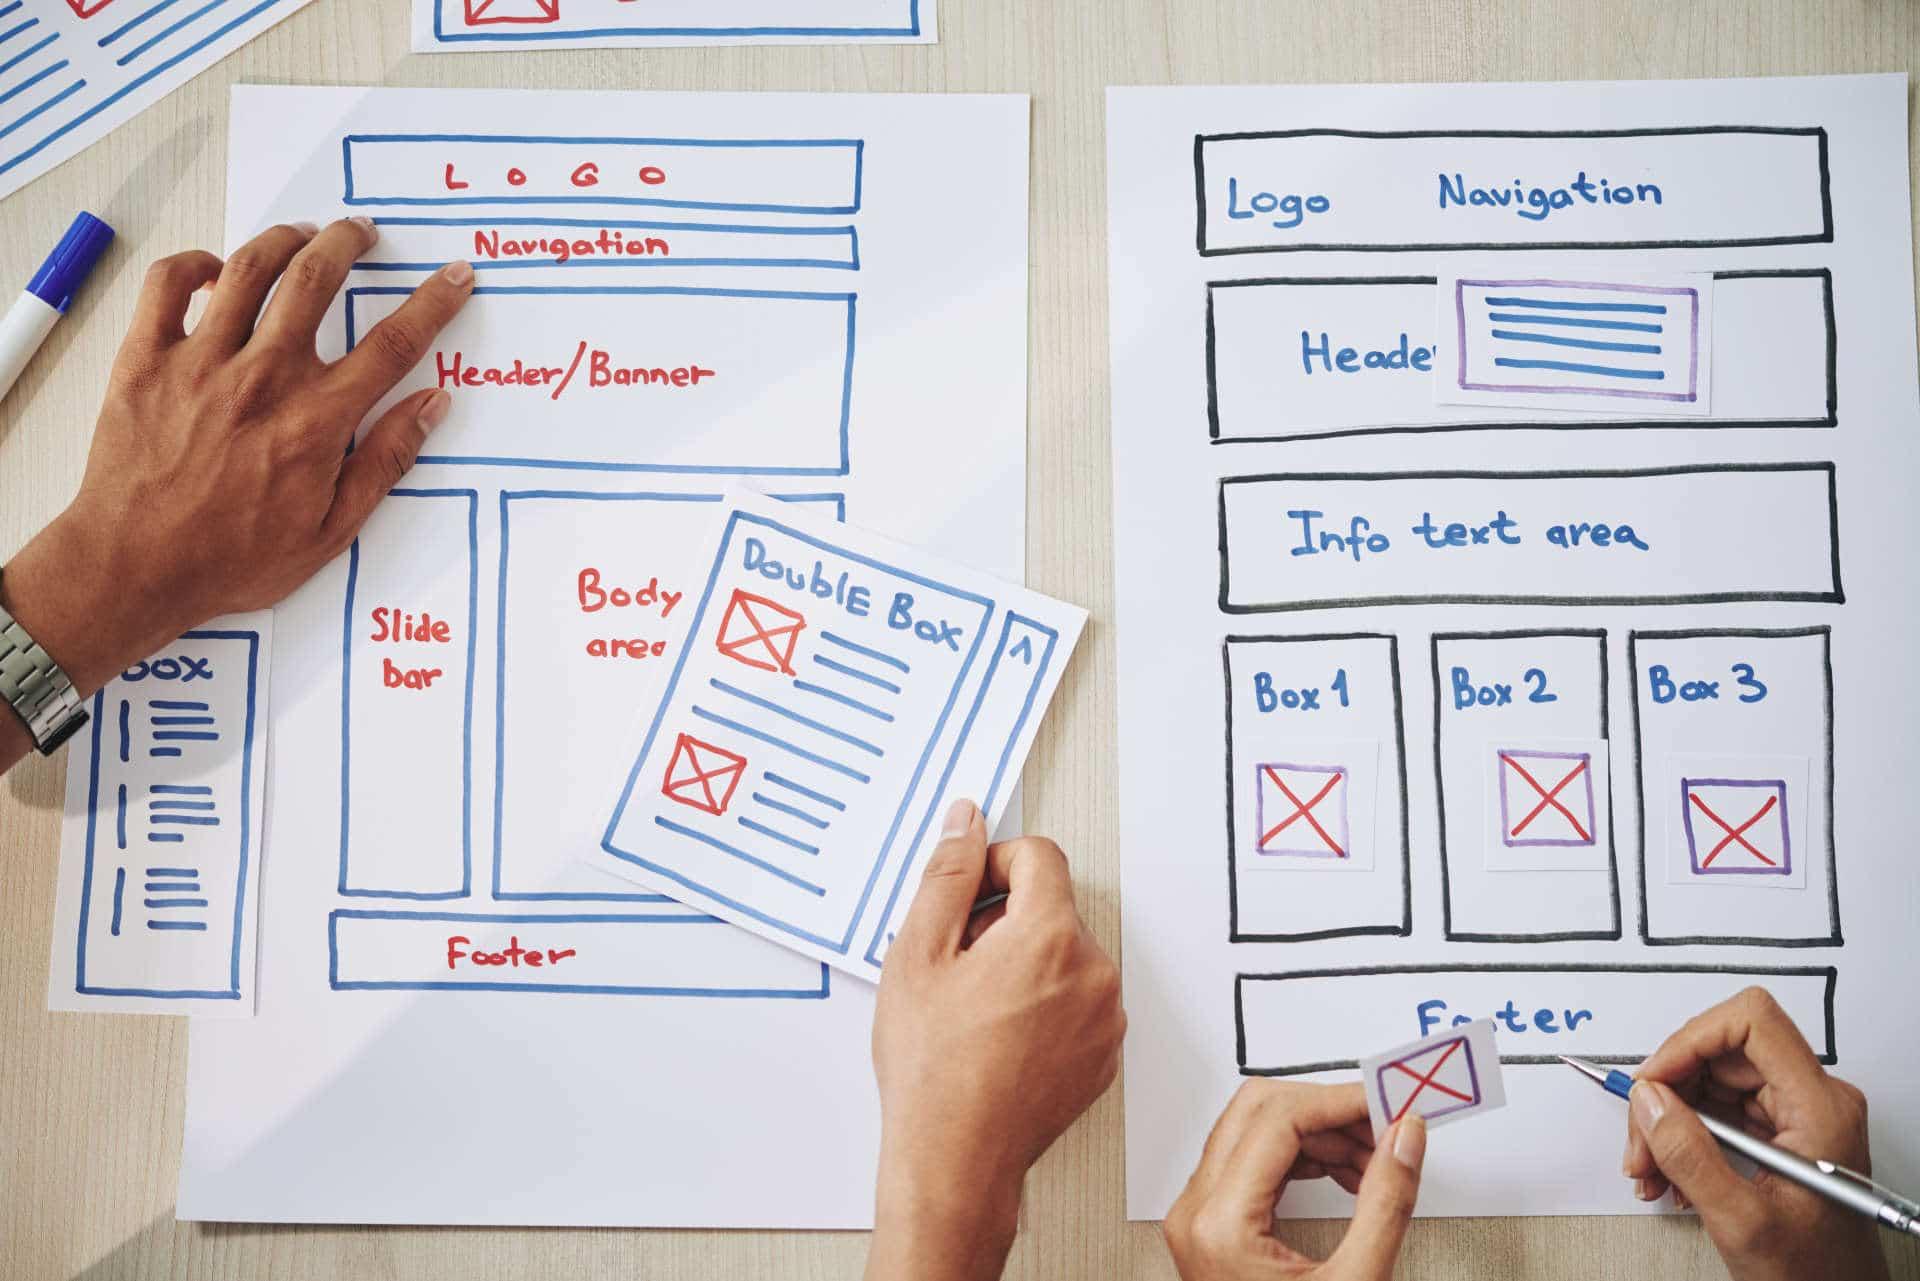 Stirling web design company creating website mockup